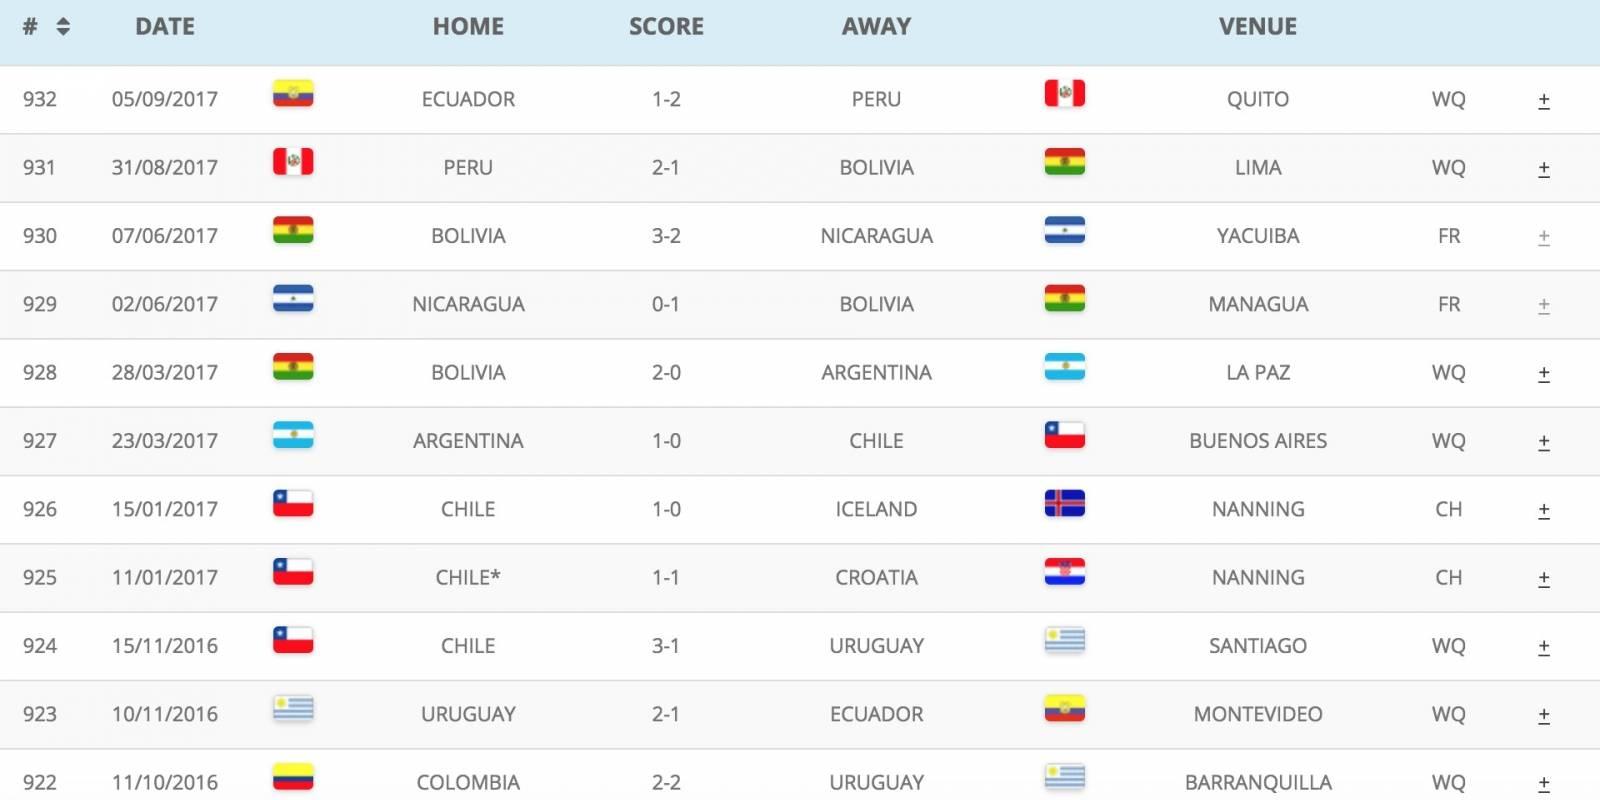 Tabla con los últimos resultados del torneo. El campeón actual es Perú, que defendió la última vez el título ante Ecuador, y lo retuvo al ganarle 1 a 2 en Quito. Antes, se lo había ganado a Bolivia al derrotarle por 2 a 0 en Lima.